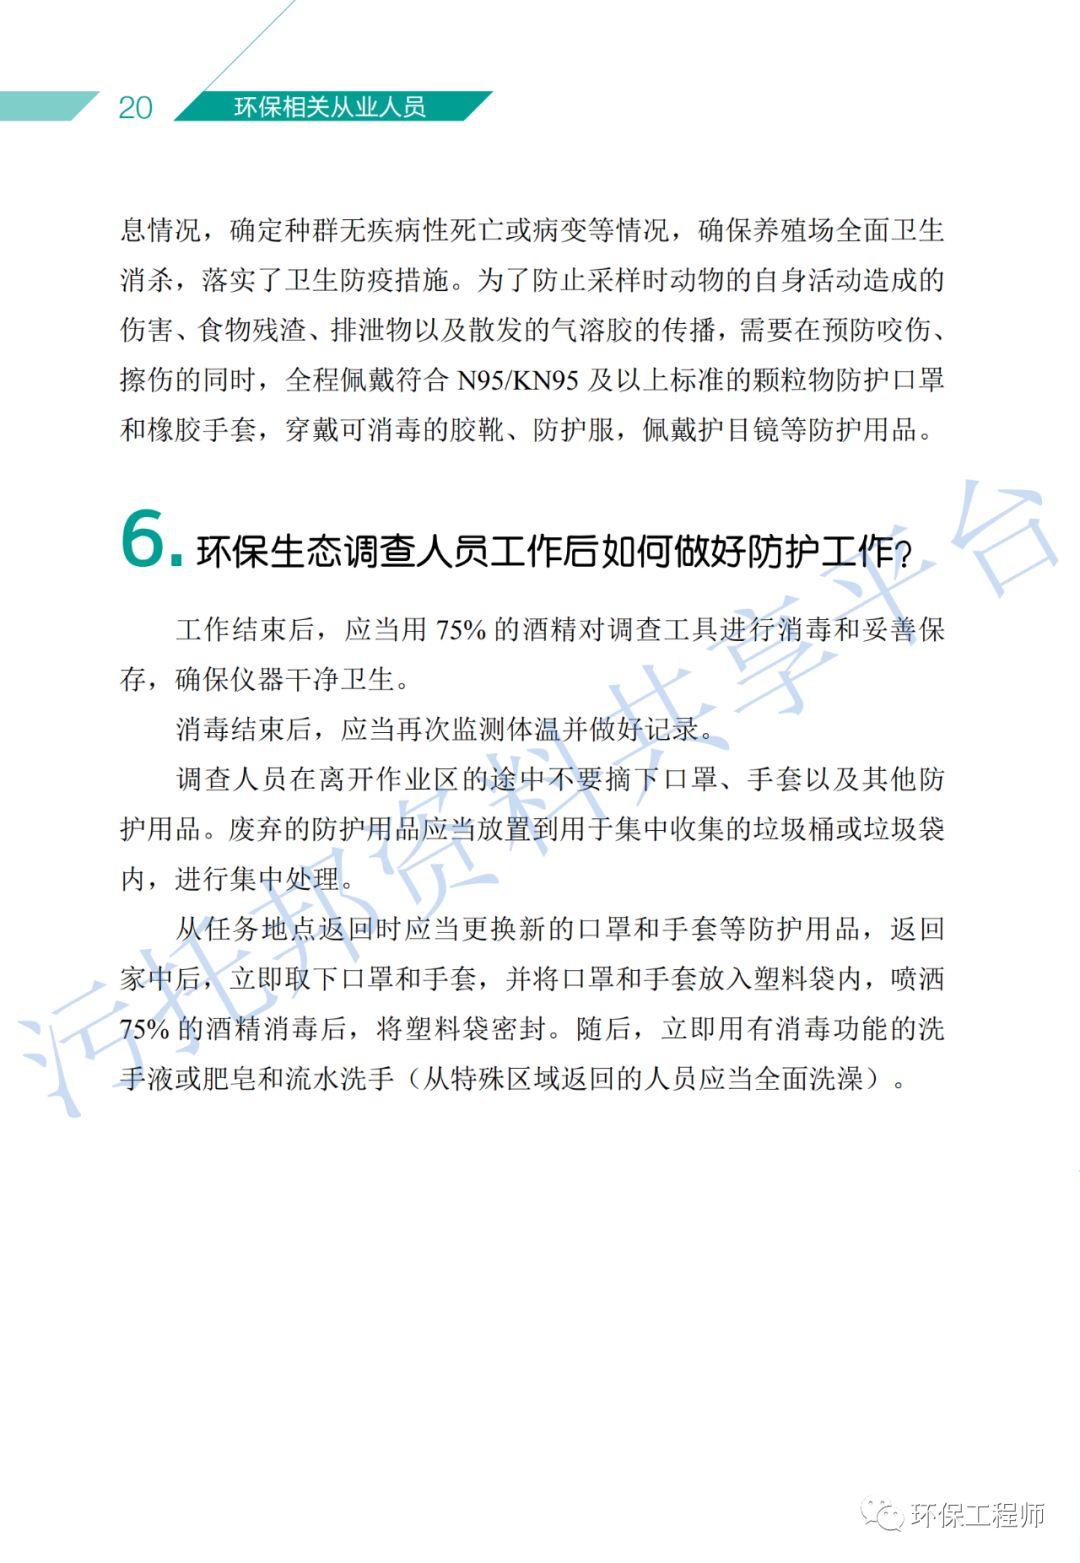 《环保从业人员新型冠状病毒疫情防护手册》_9